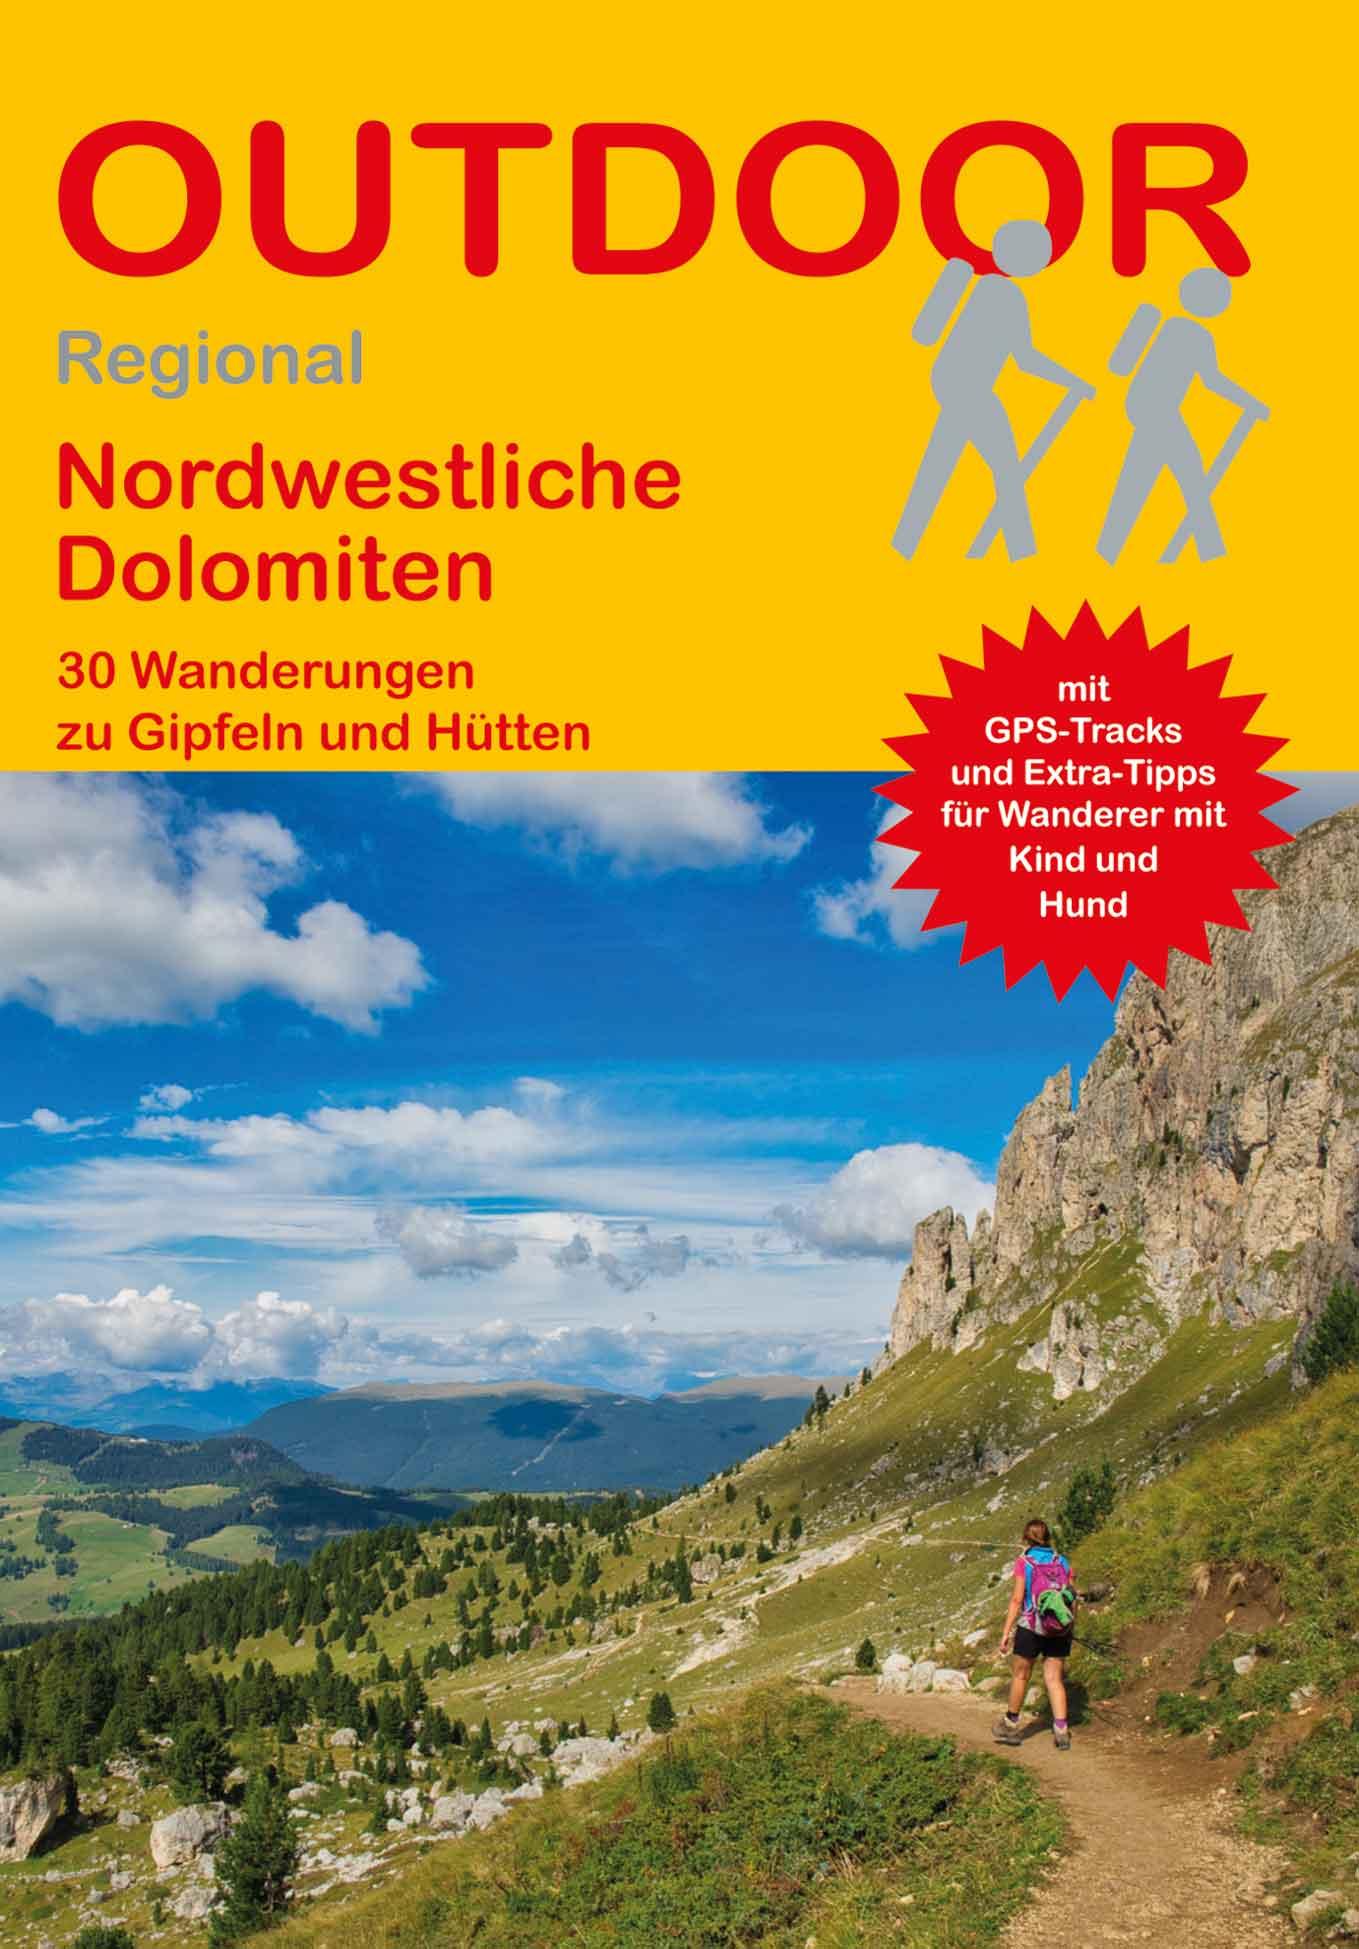 Nordwestliche Dolomiten